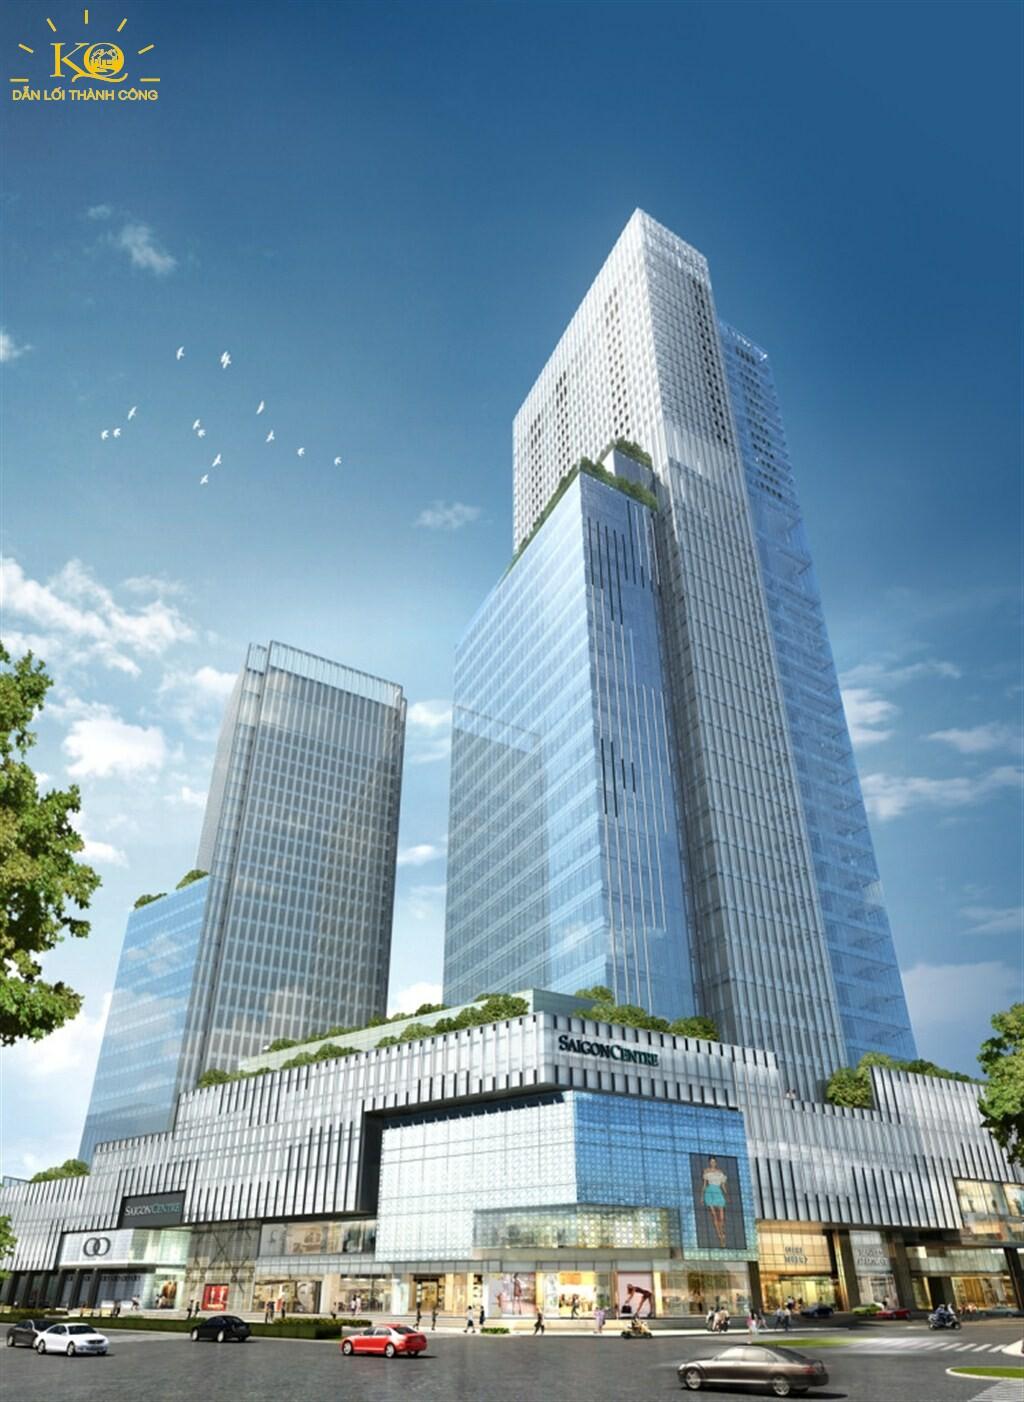 Bao quát tòa nhà Saigon Centre 2